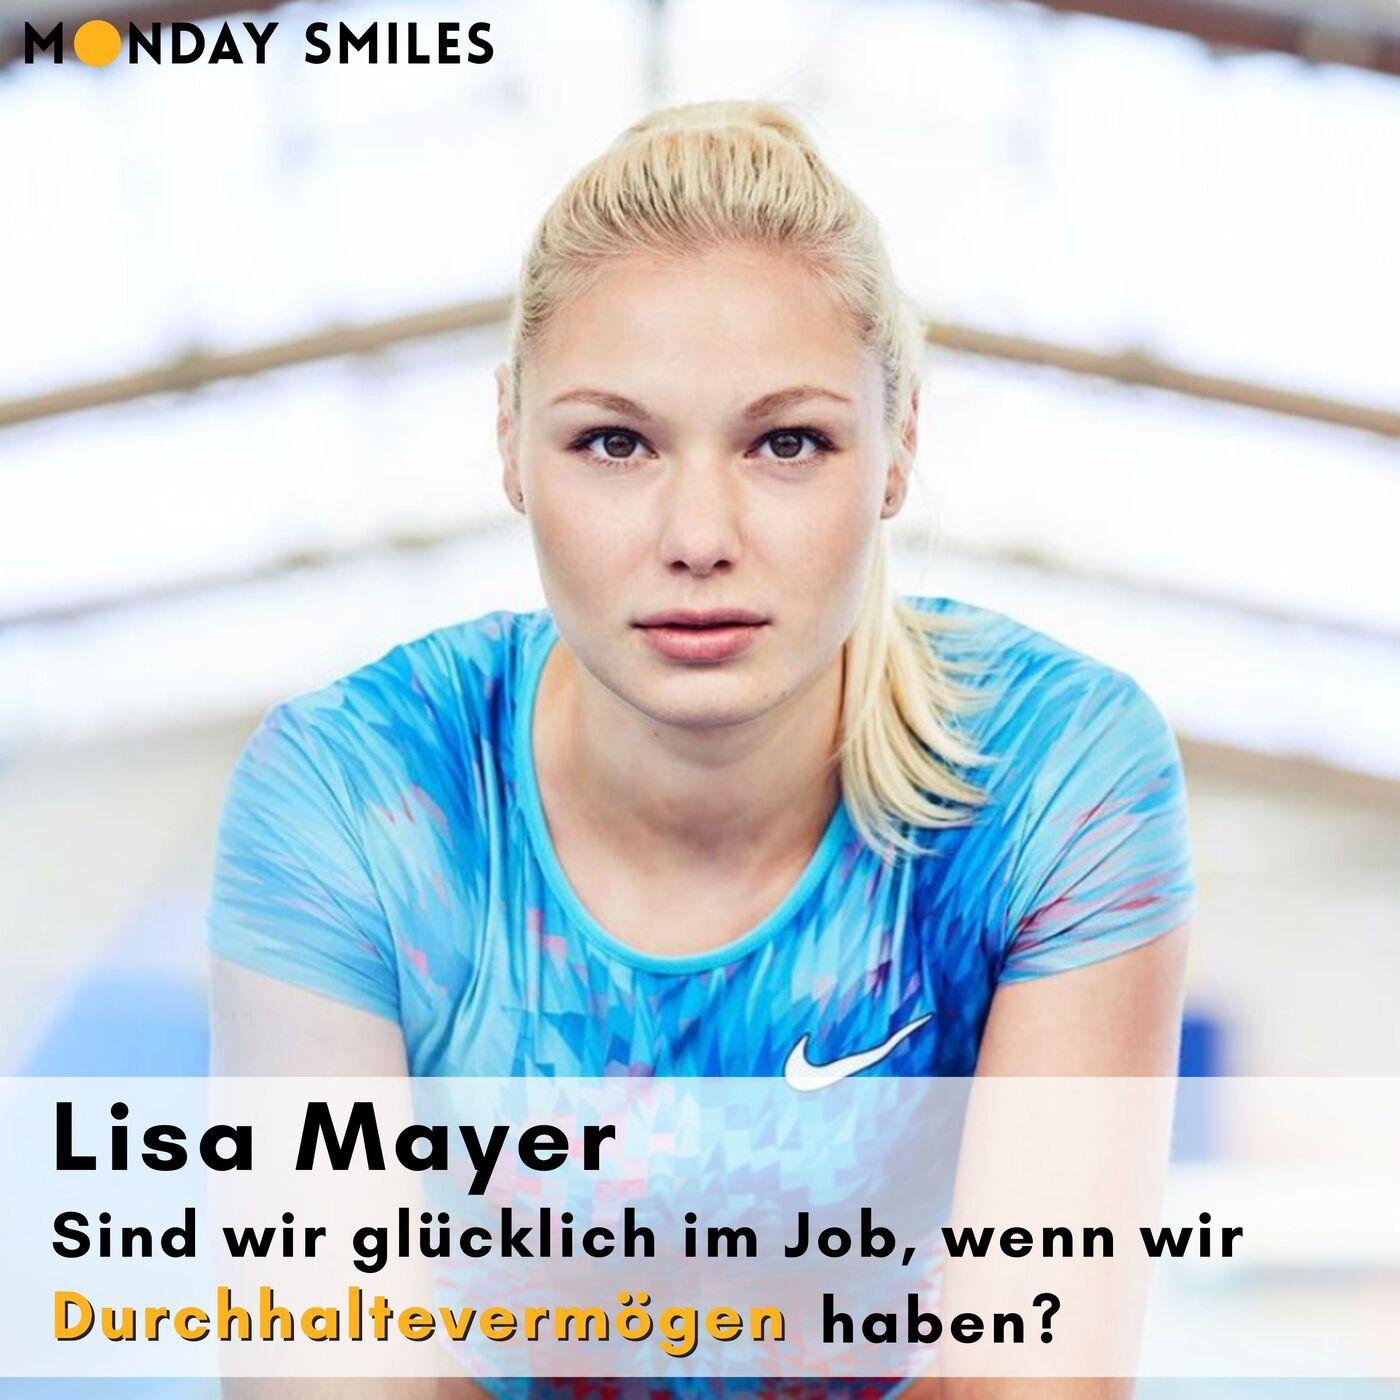 20 - Lisa Mayer: Sind wir glücklich bei der Arbeit, wenn wir Durchhaltevermögen haben?